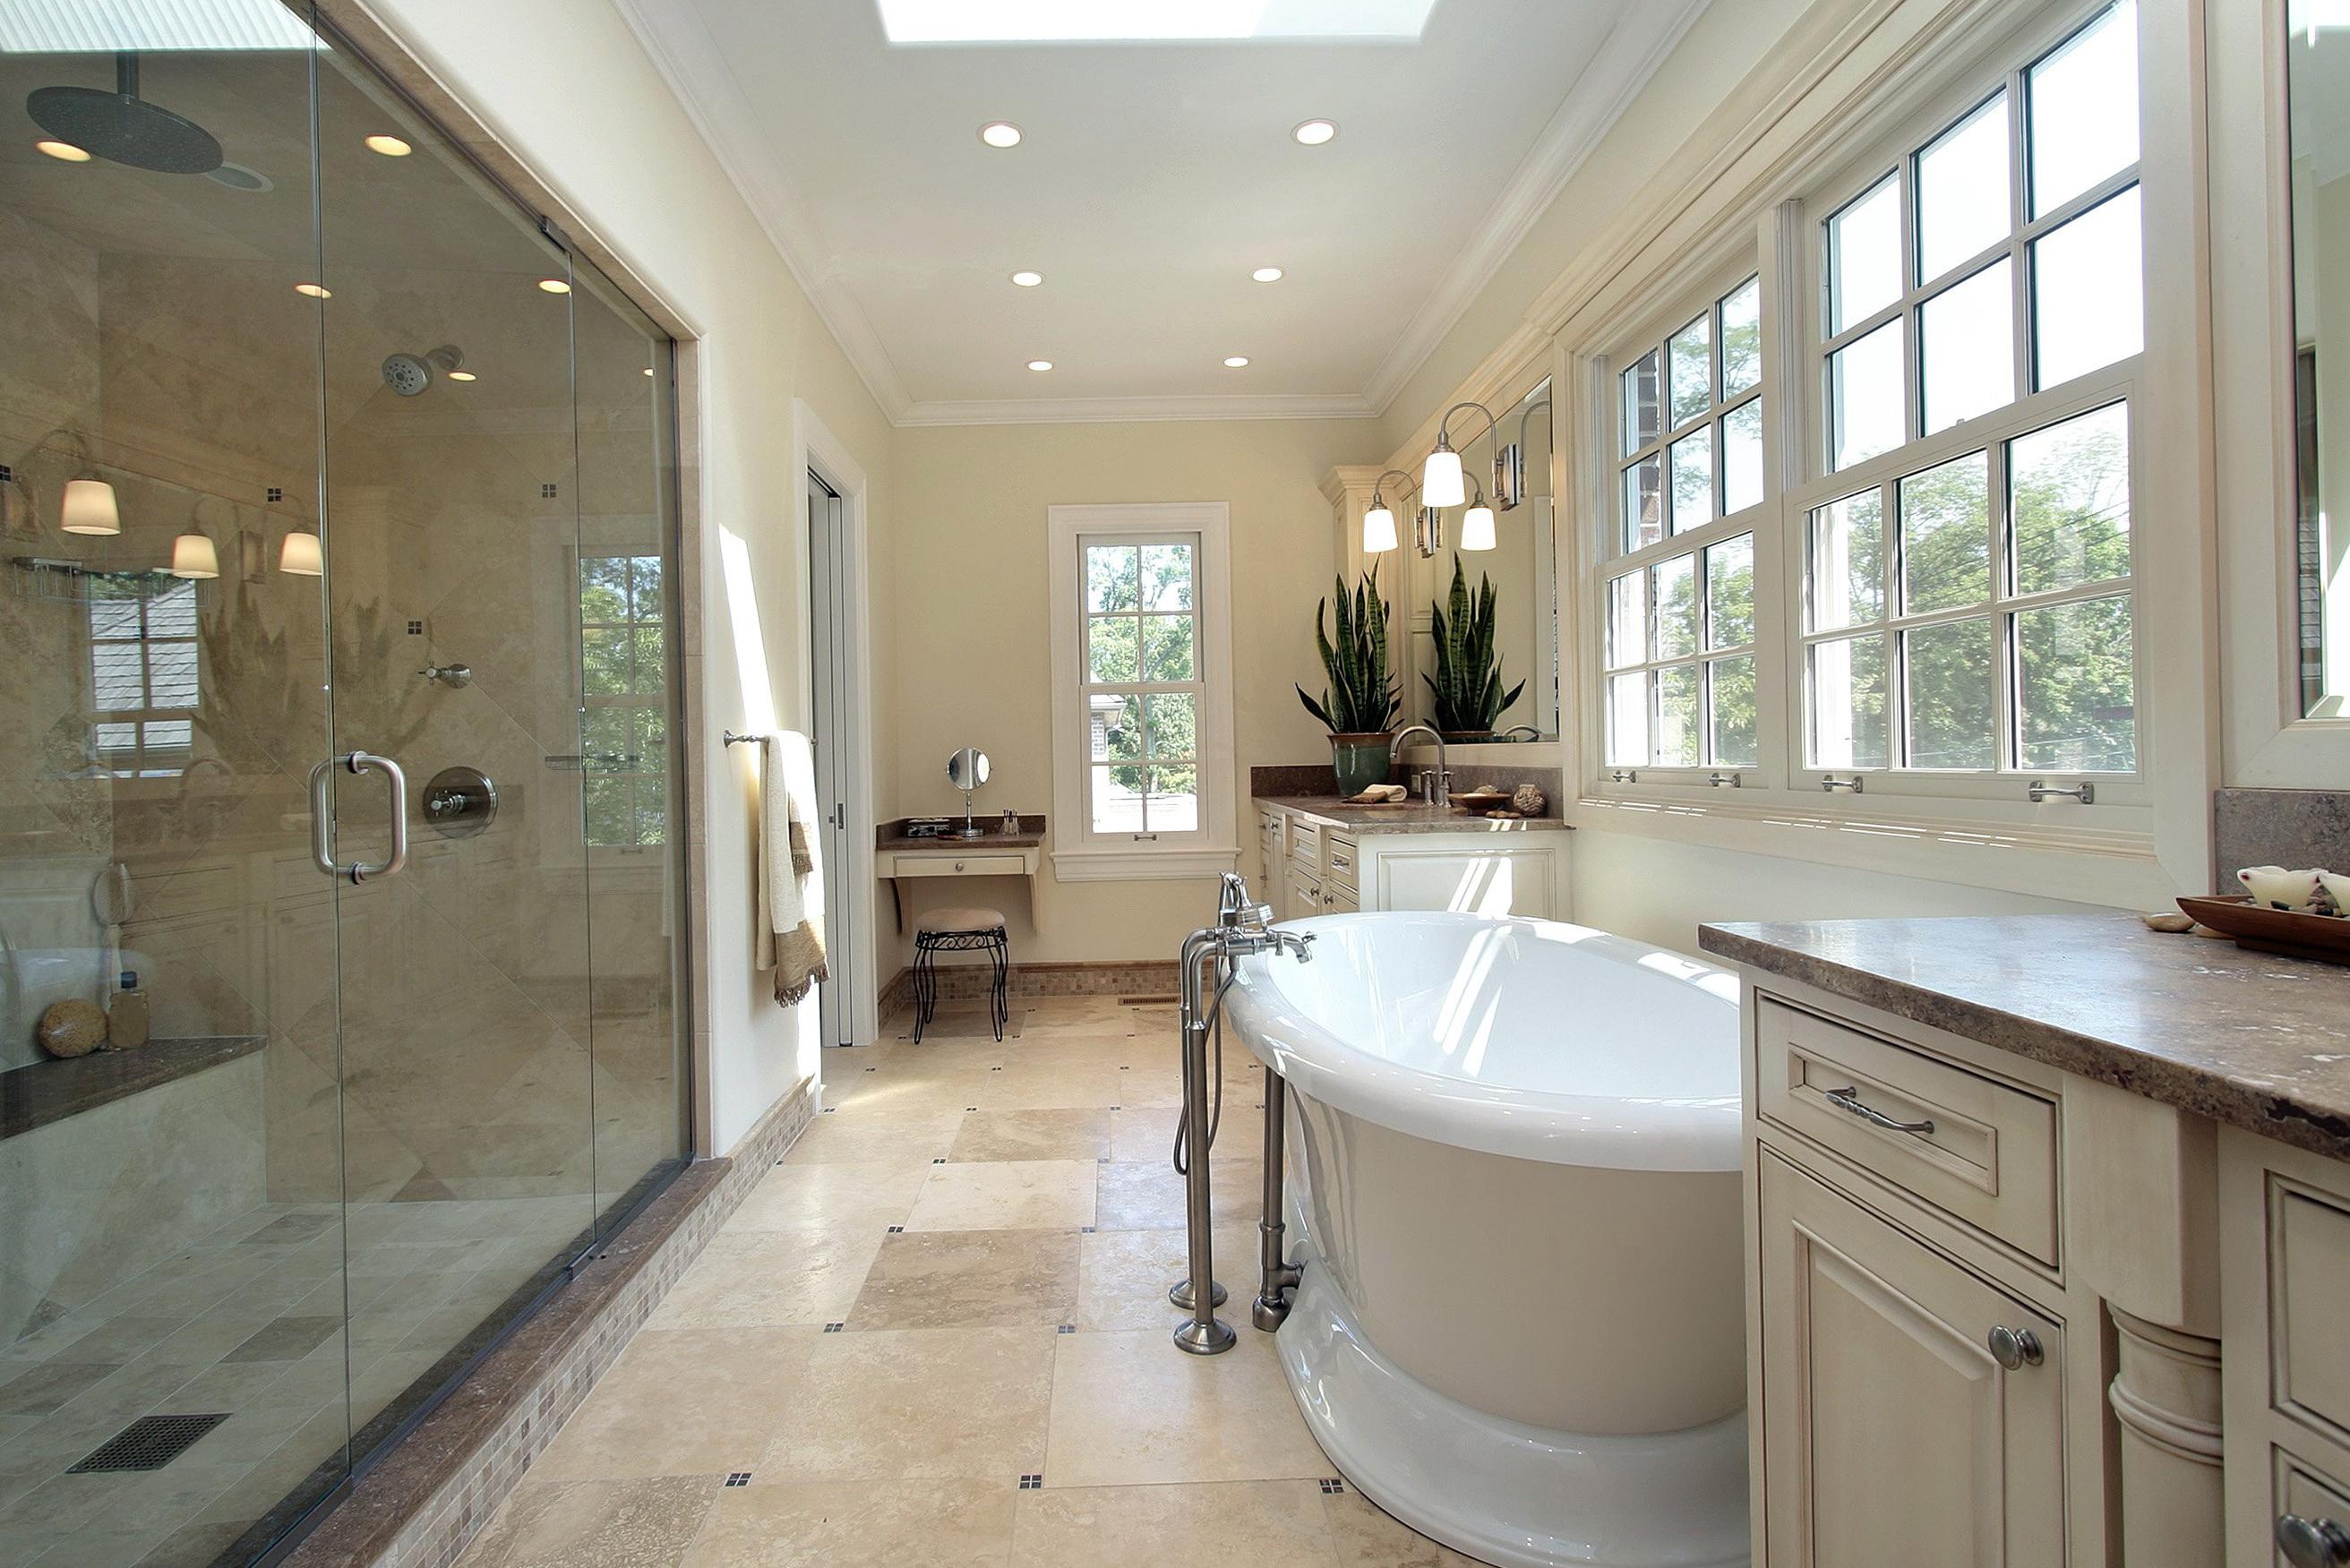 Diy Bathroom Remodel Cost